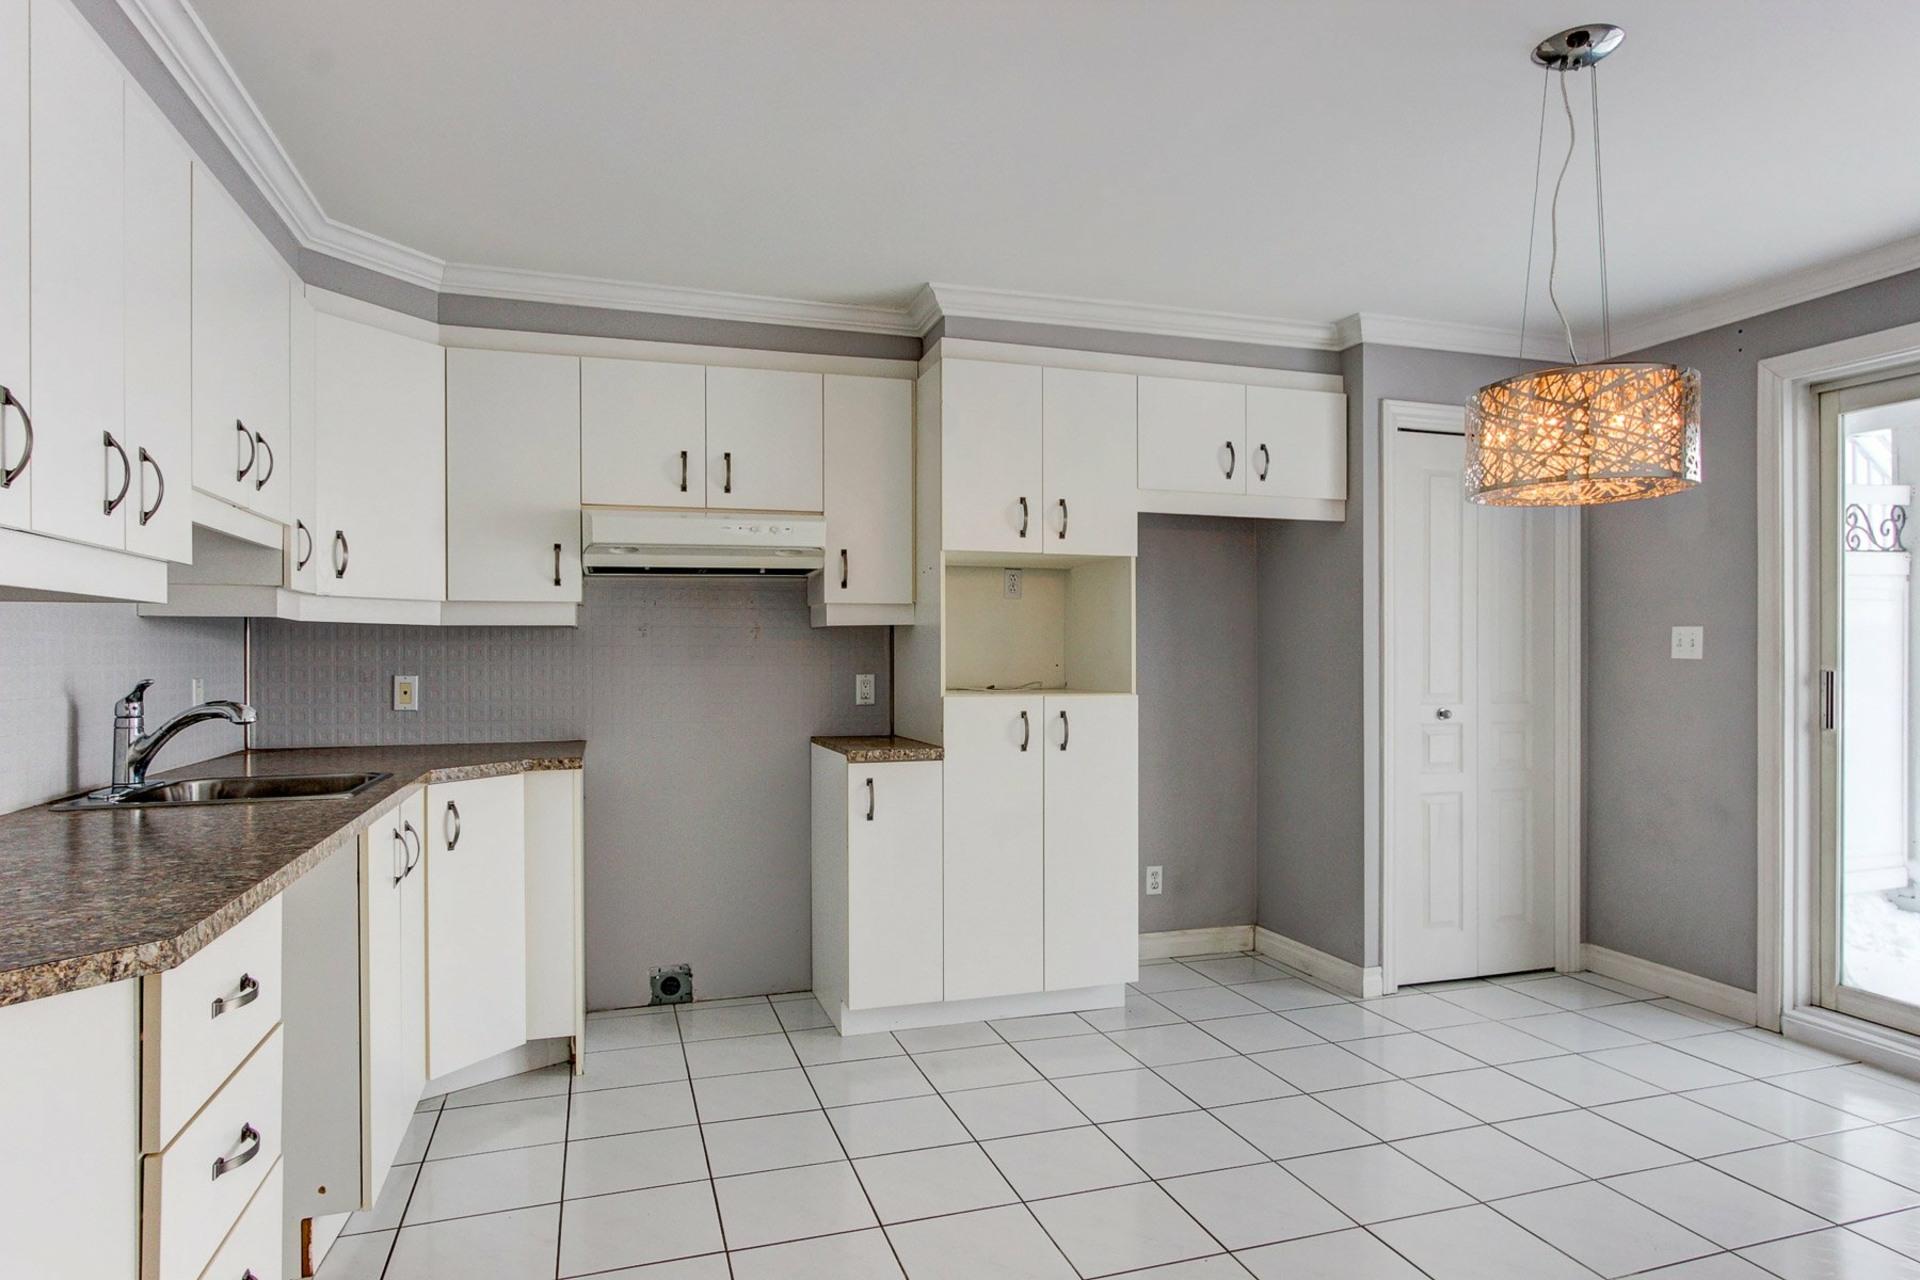 image 6 - Appartement À vendre Trois-Rivières - 6 pièces